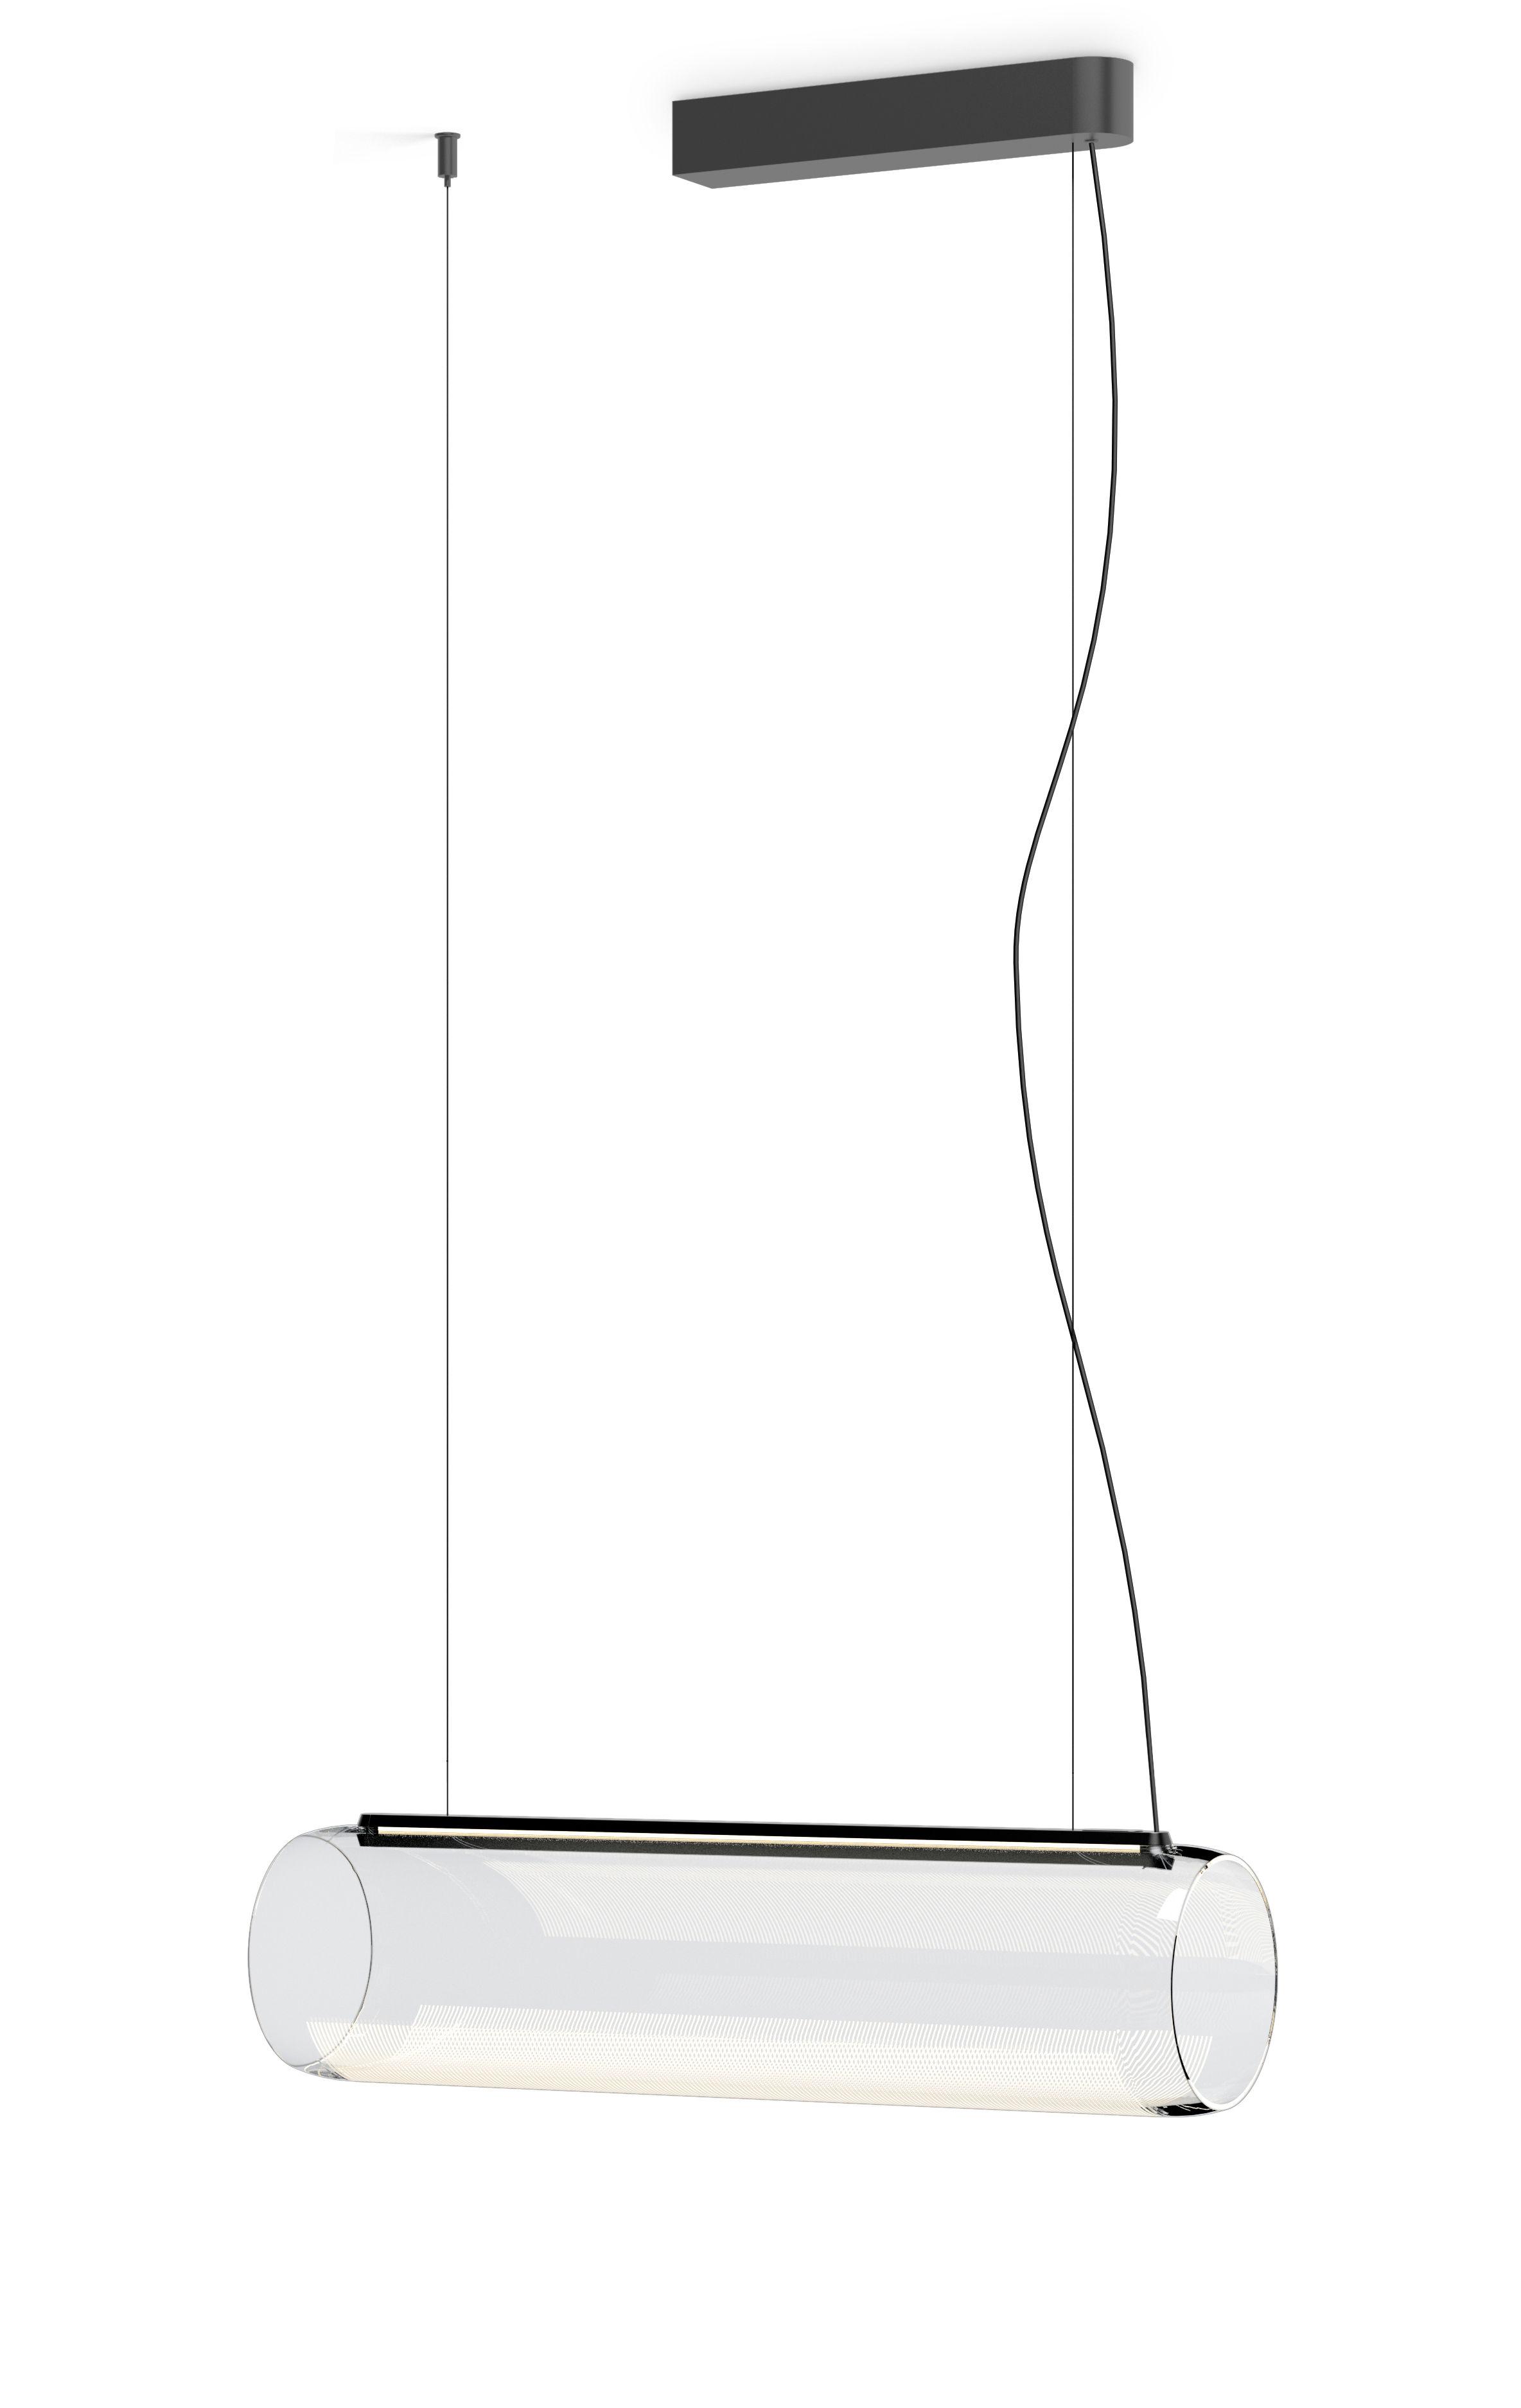 Illuminazione - Lampadari - Sospensione Guise - / Diffusore orizzontale - LED di Vibia - Laccato grafite opaco - Alluminio, Vetro borosilicato